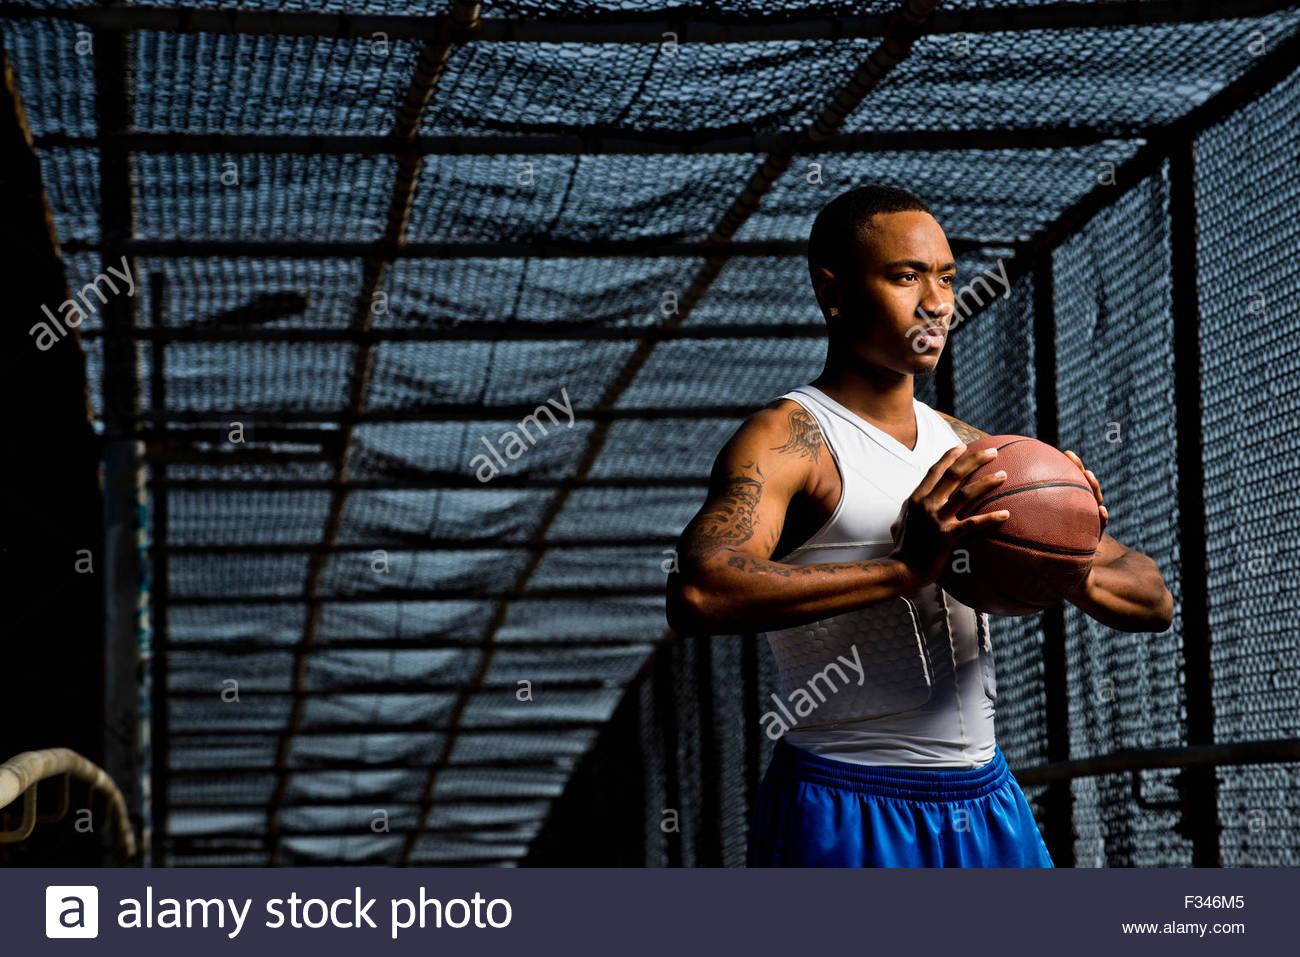 Ein junger Mann posiert mit einem Basketball. Stockbild